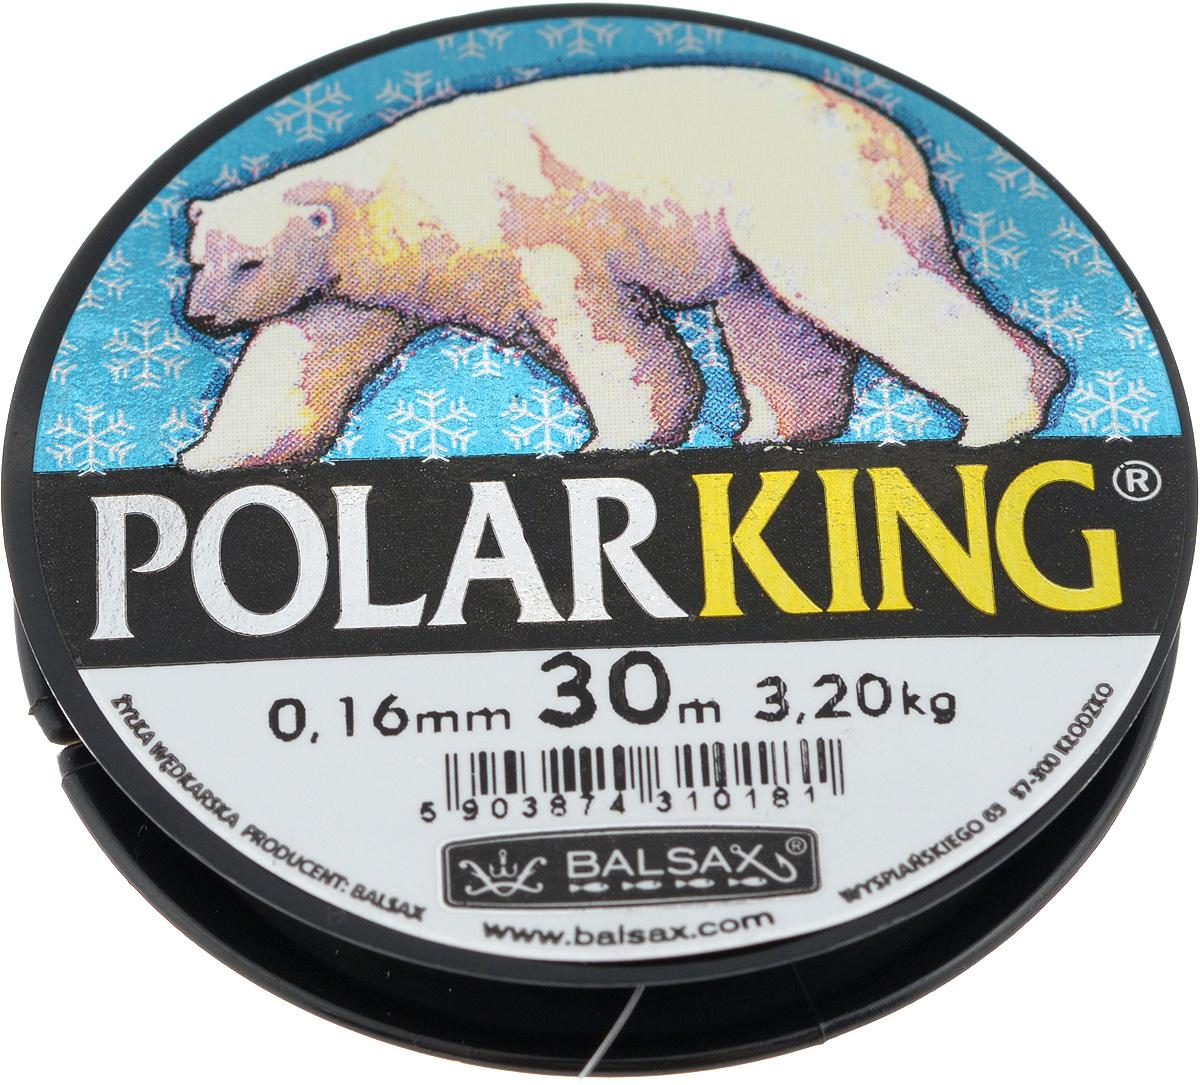 Леска зимняя Balsax Polar King, 30 м, 0,16 мм, 3,2 кг310-13016Леска Balsax Polar King изготовлена из 100% нейлона и очень хорошо выдерживаетнизкие температуры. Даже в самом холодном климате, при температуре вплотьдо -40°C, она сохраняет свои свойствапрактически без изменений, в то время как традиционные лески становятся менееэластичными и теряют прочность. Поверхность лески обработана таким образом, что она не обмерзает и отличноподходит для подледного лова. Прочна вместах вязки узлов даже при минимальном диаметре.